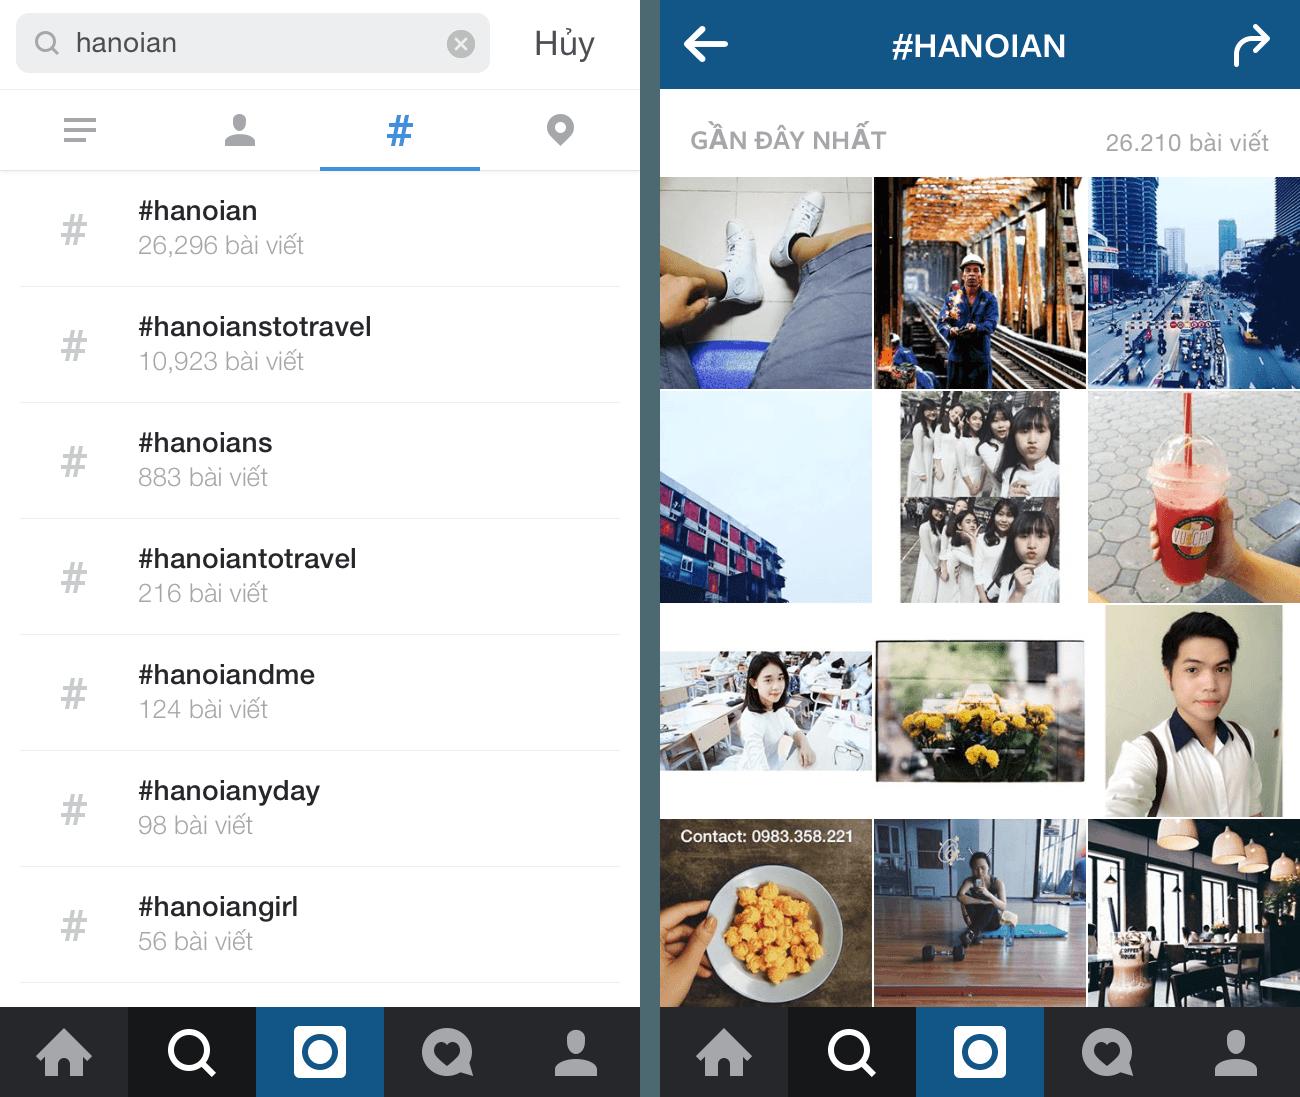 Tiếp cận khách hàng trên instagram qua hashtag